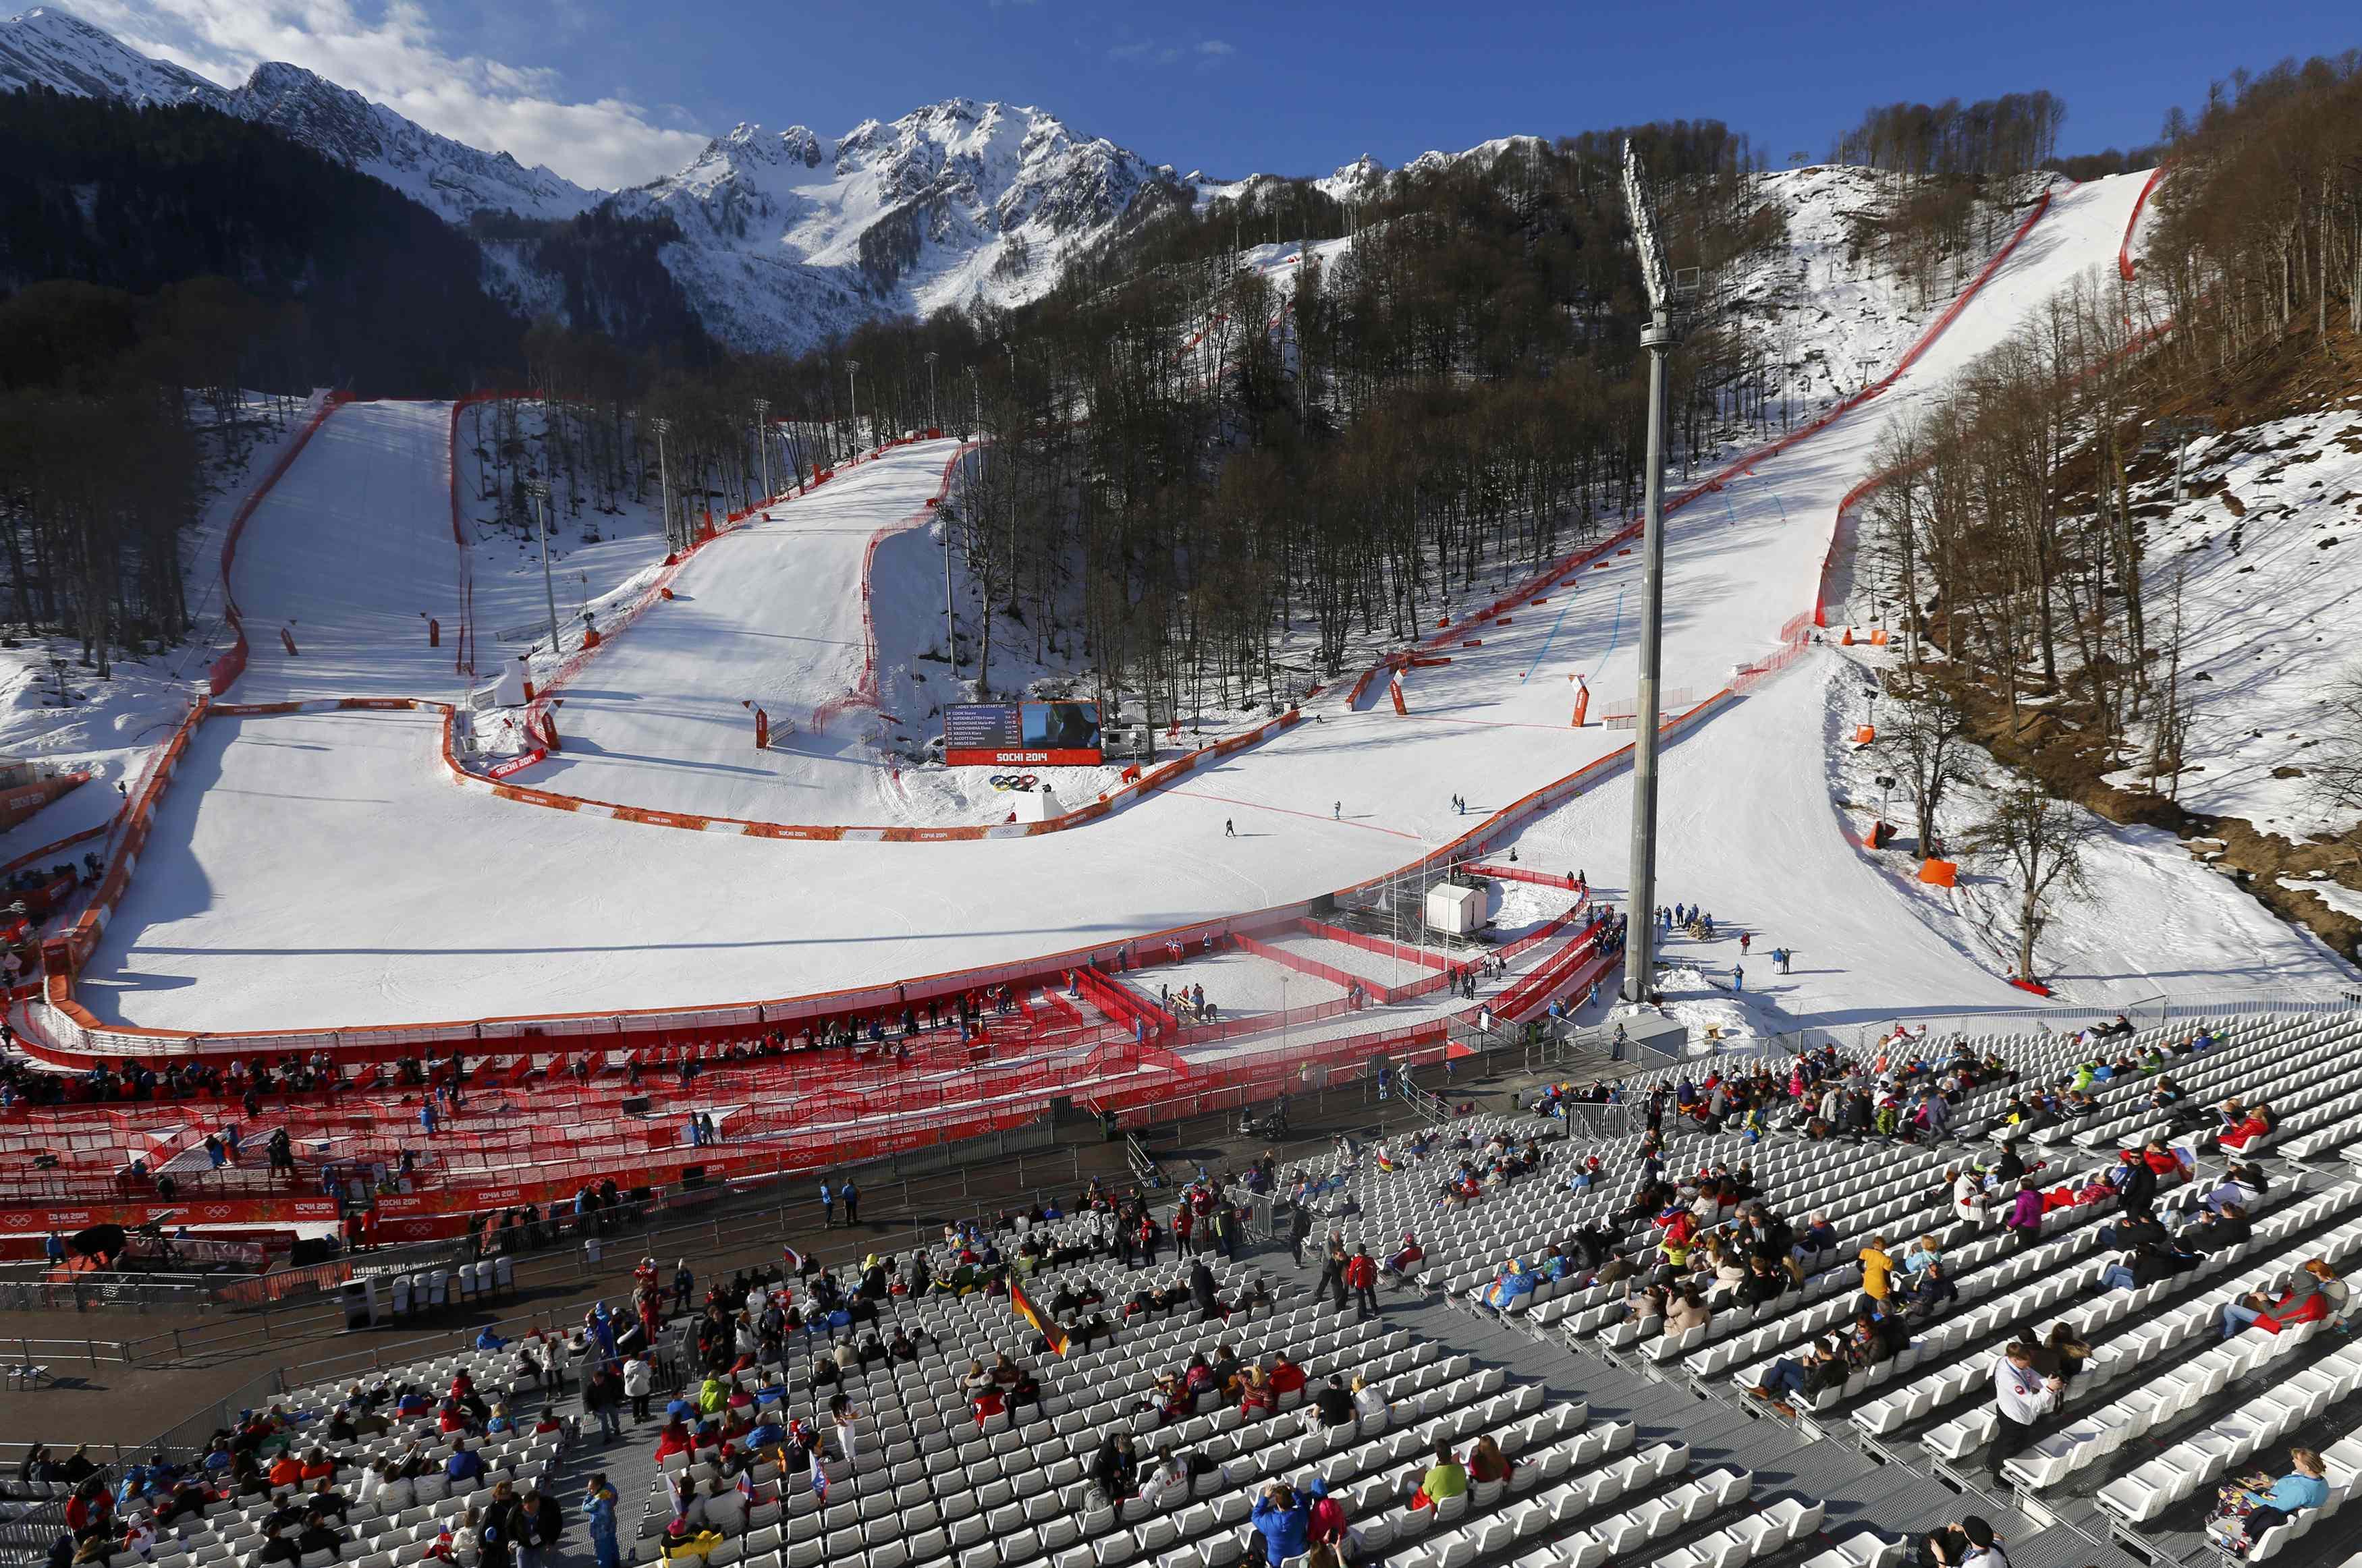 Dass die alpinen Olympia-Wettbewerbe in Sotschi fast reibungslos stattfinden konnten, gilt immer noch als grosses meteorologisches Wunder.